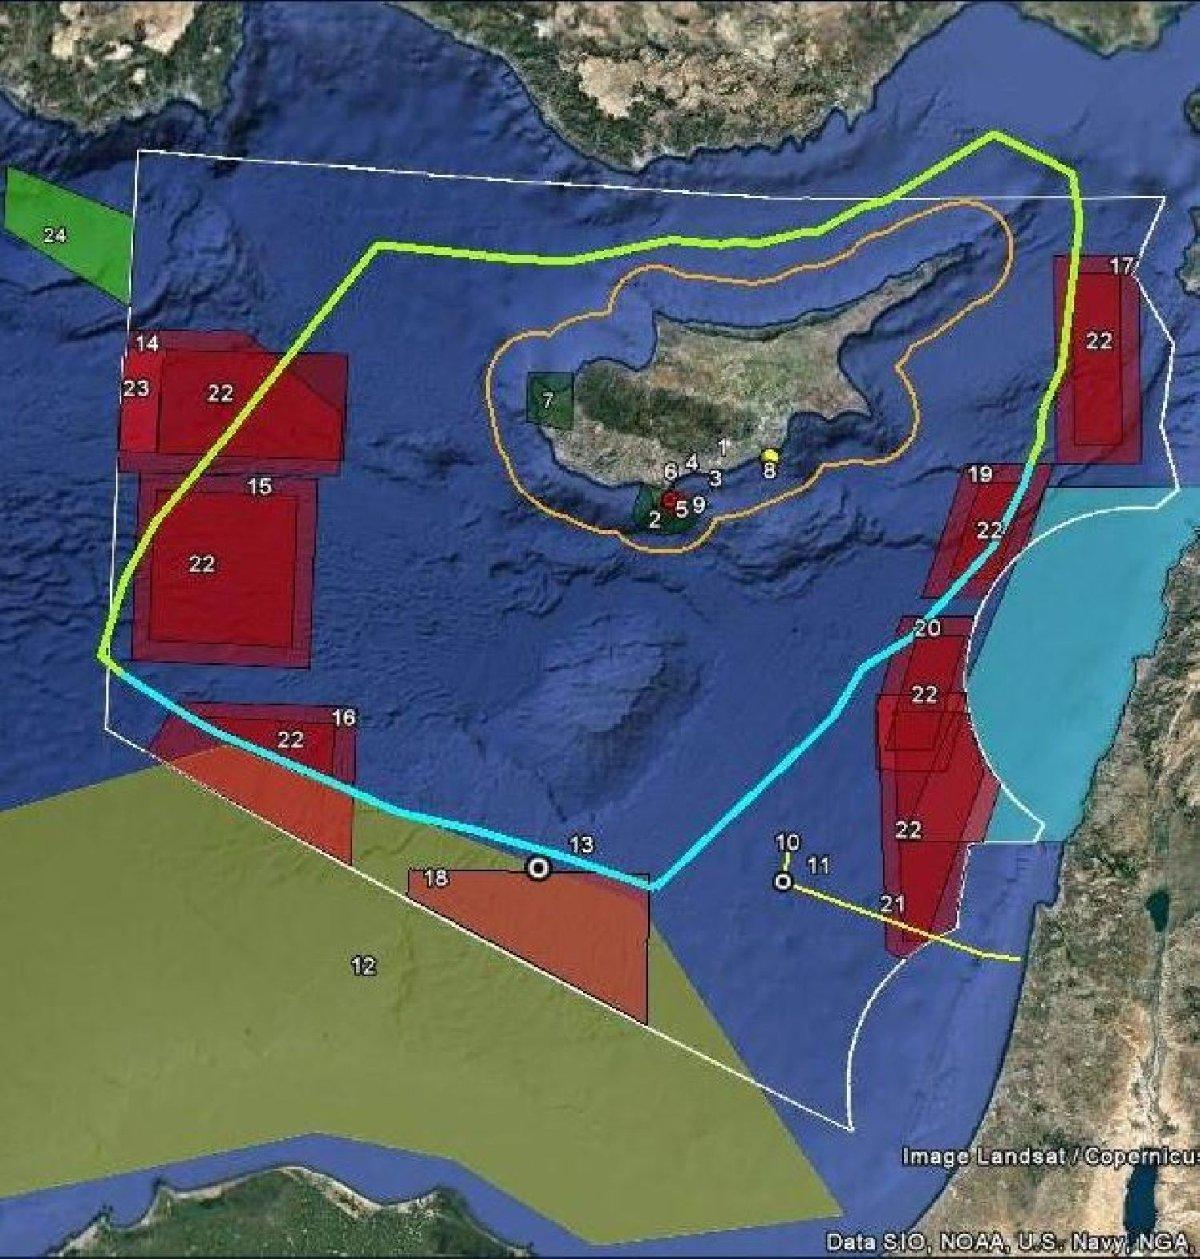 Haritada kırmızıyla gösterilen noktaların kapatıldığı ifade edildi.